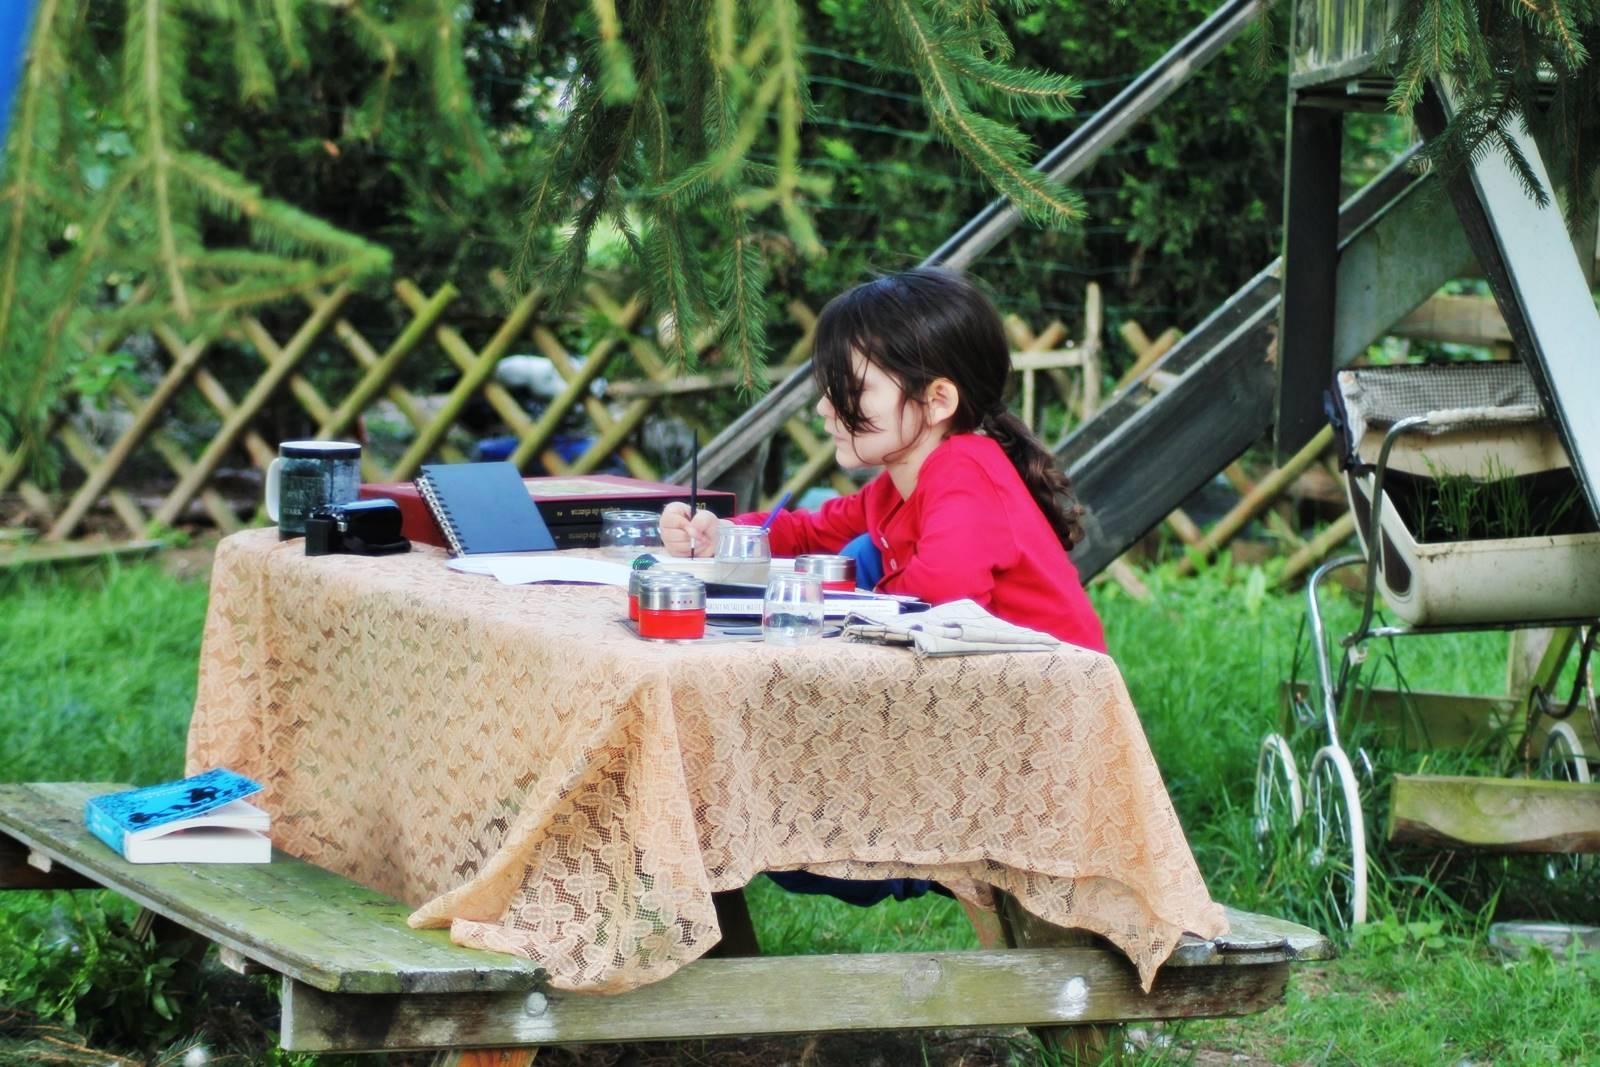 Recencement nature enfant jardinrecencement